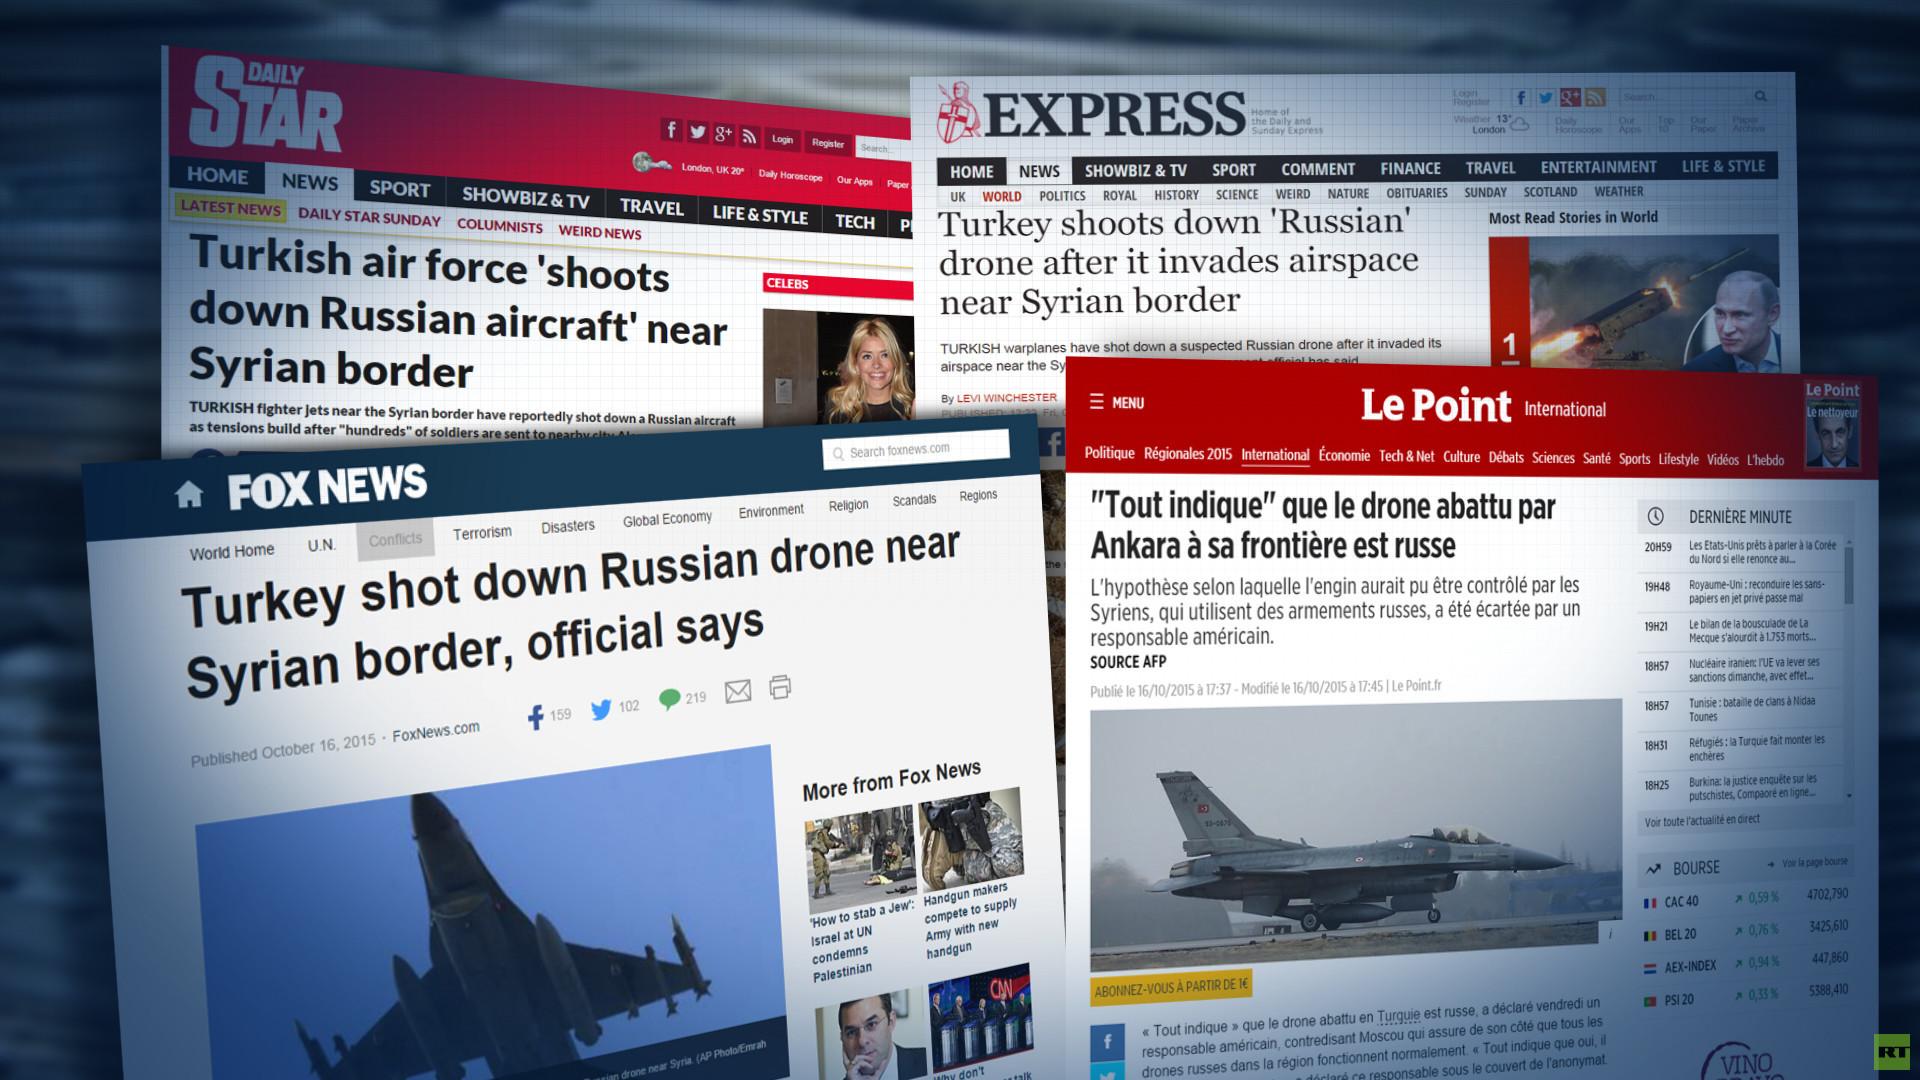 Un drone non-identifié abattu ? Pour les médias occidentaux c'est un drone russe, à coup sûr !